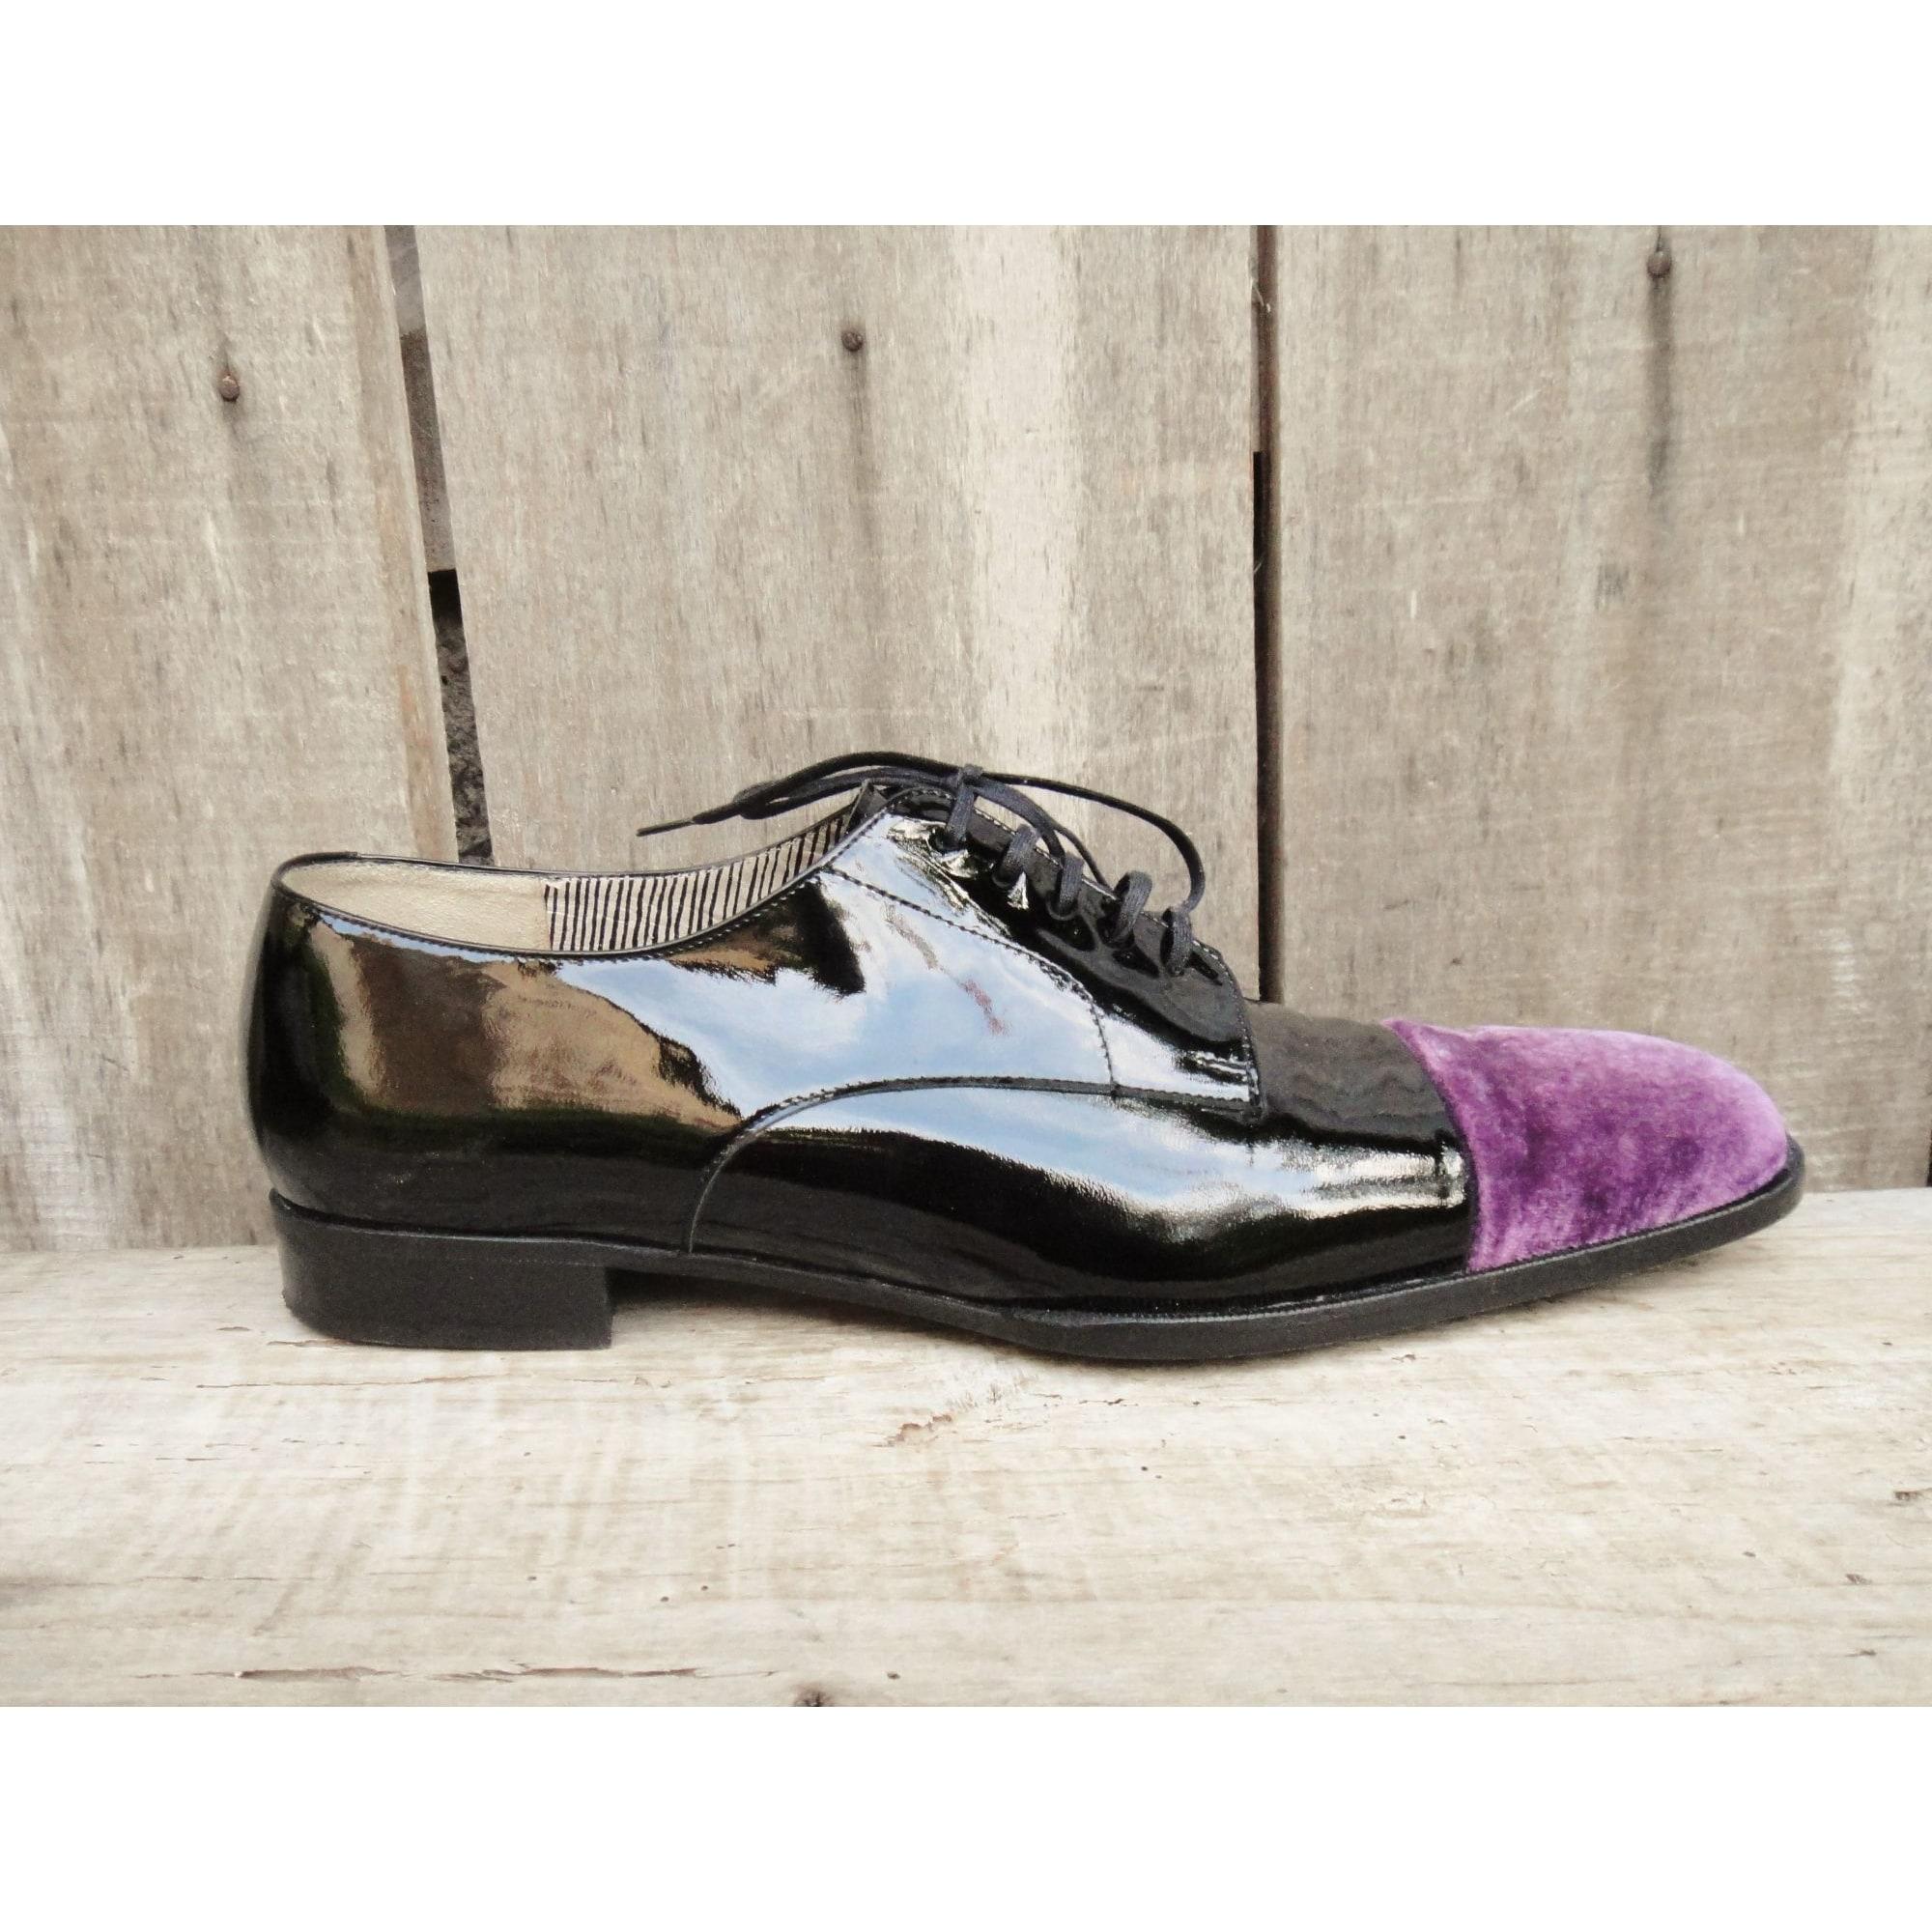 Lace Up Shoes JOSEPH FENESTRIER Black